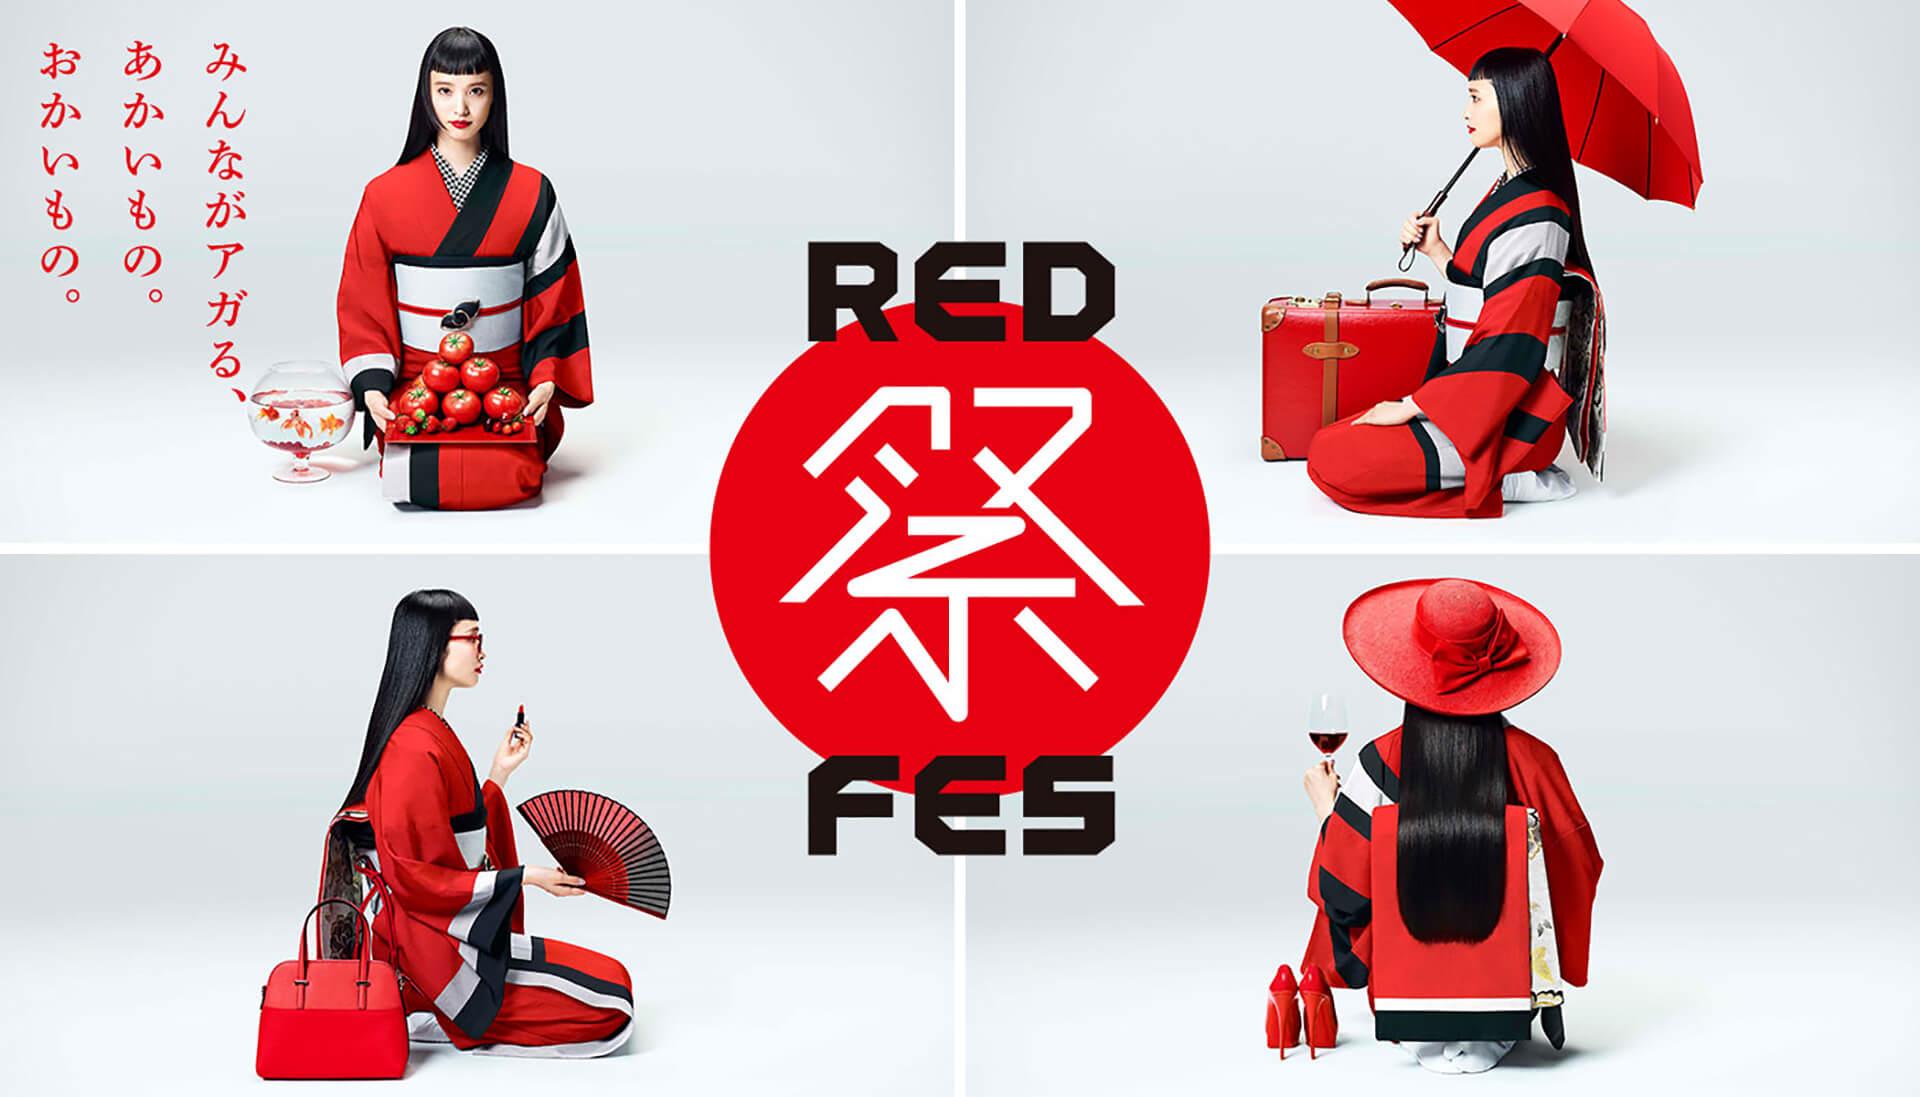 この写真は、RED FESのメインビジュアル。赤い着物きた女性です。